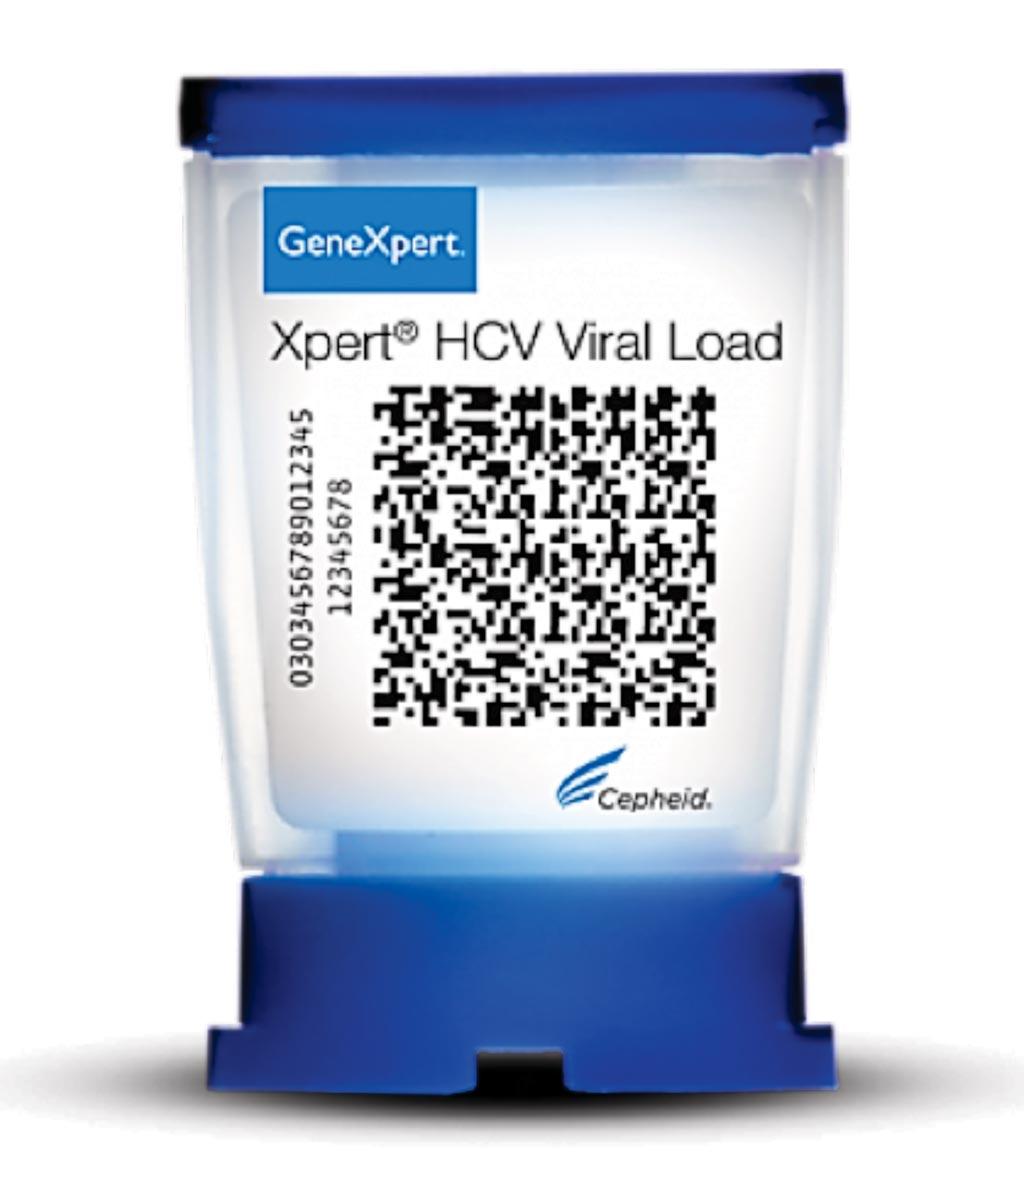 图片:Xpert HCV病毒载量盒是一种定量检验,为确认感染和监测丙肝病毒提供按需分子检验(图片蒙Cepheid公司惠赐)。